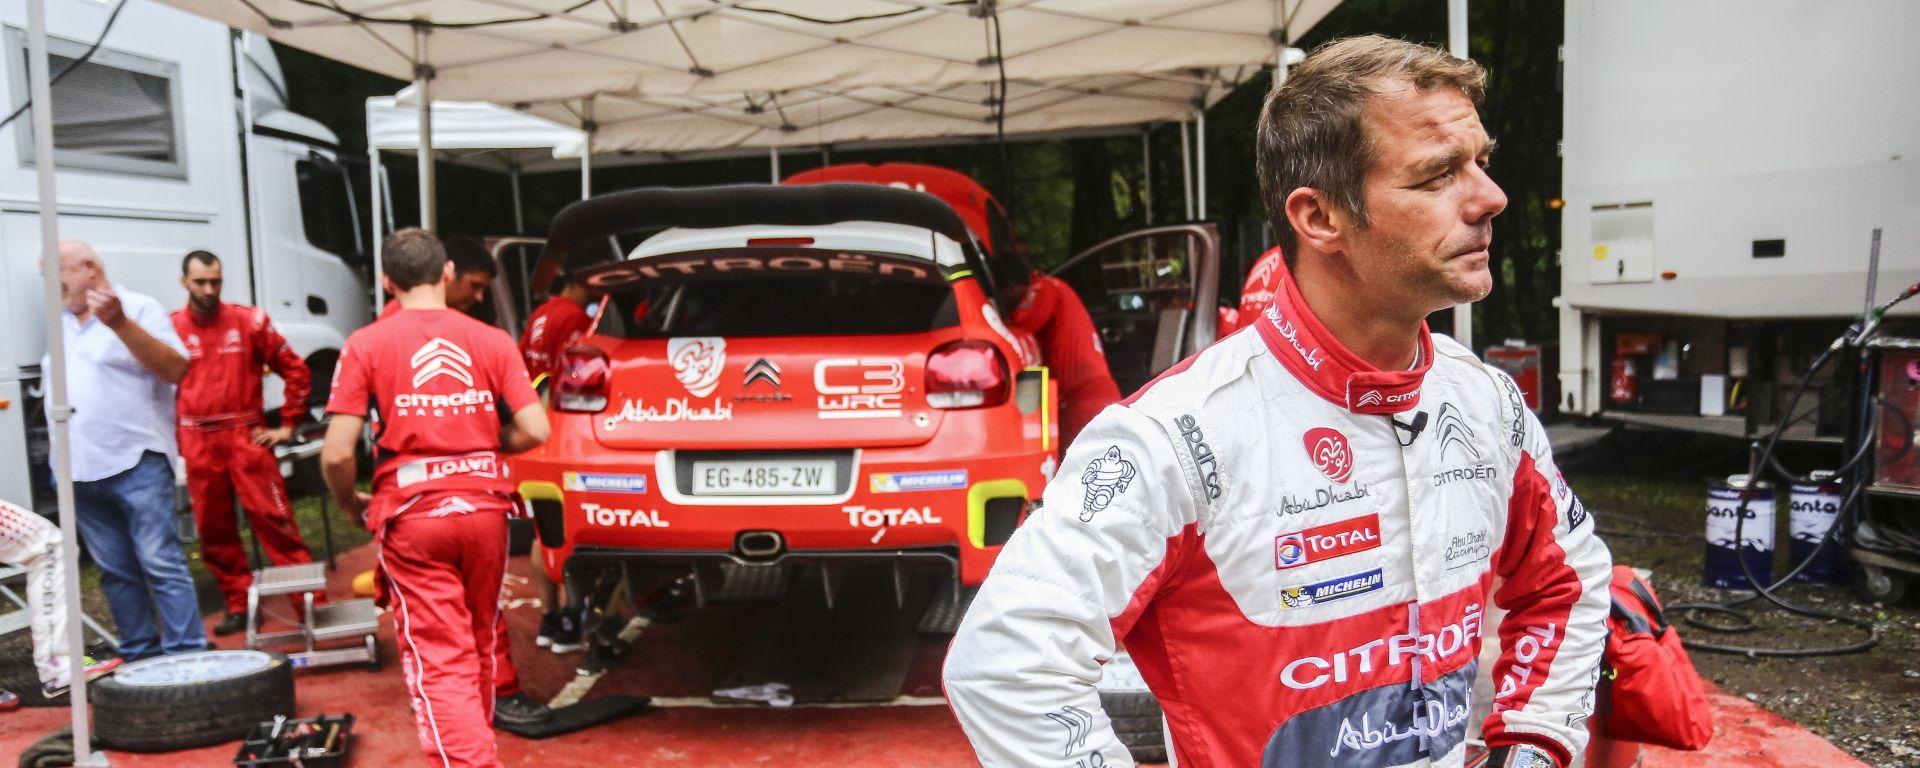 Sebastien Loeb - Citroen C3 WRC